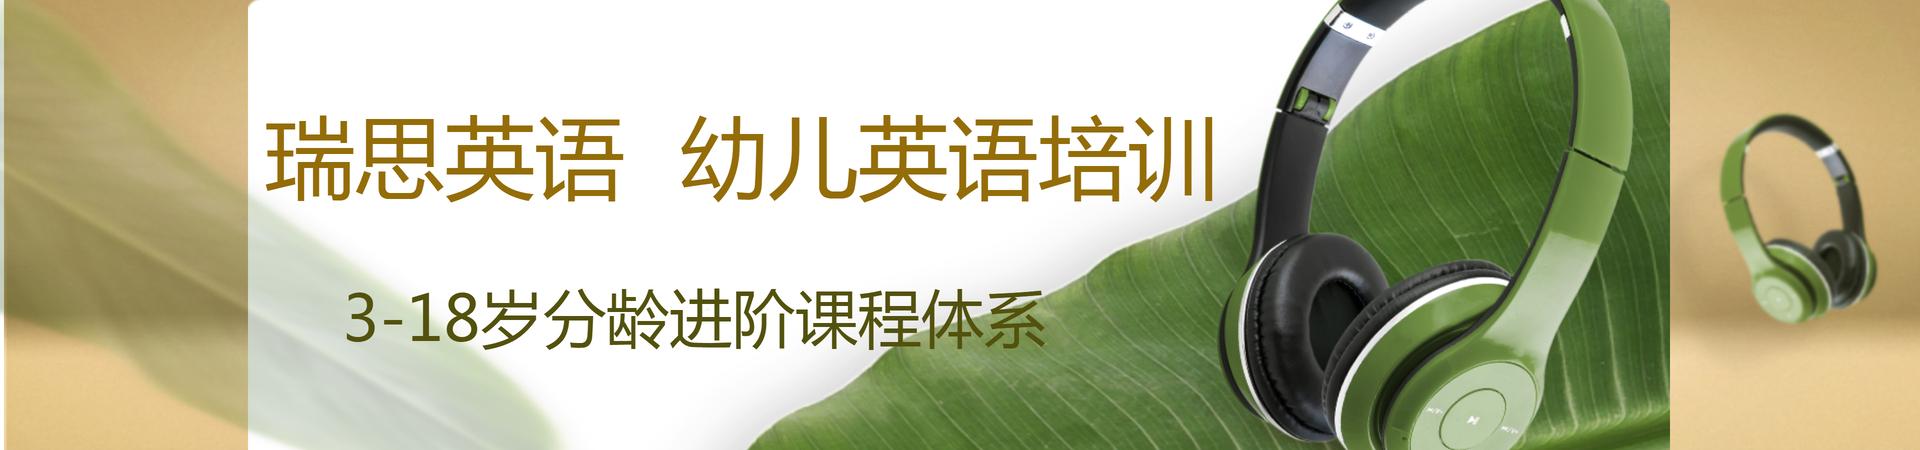 重庆弹子石中心瑞思英语